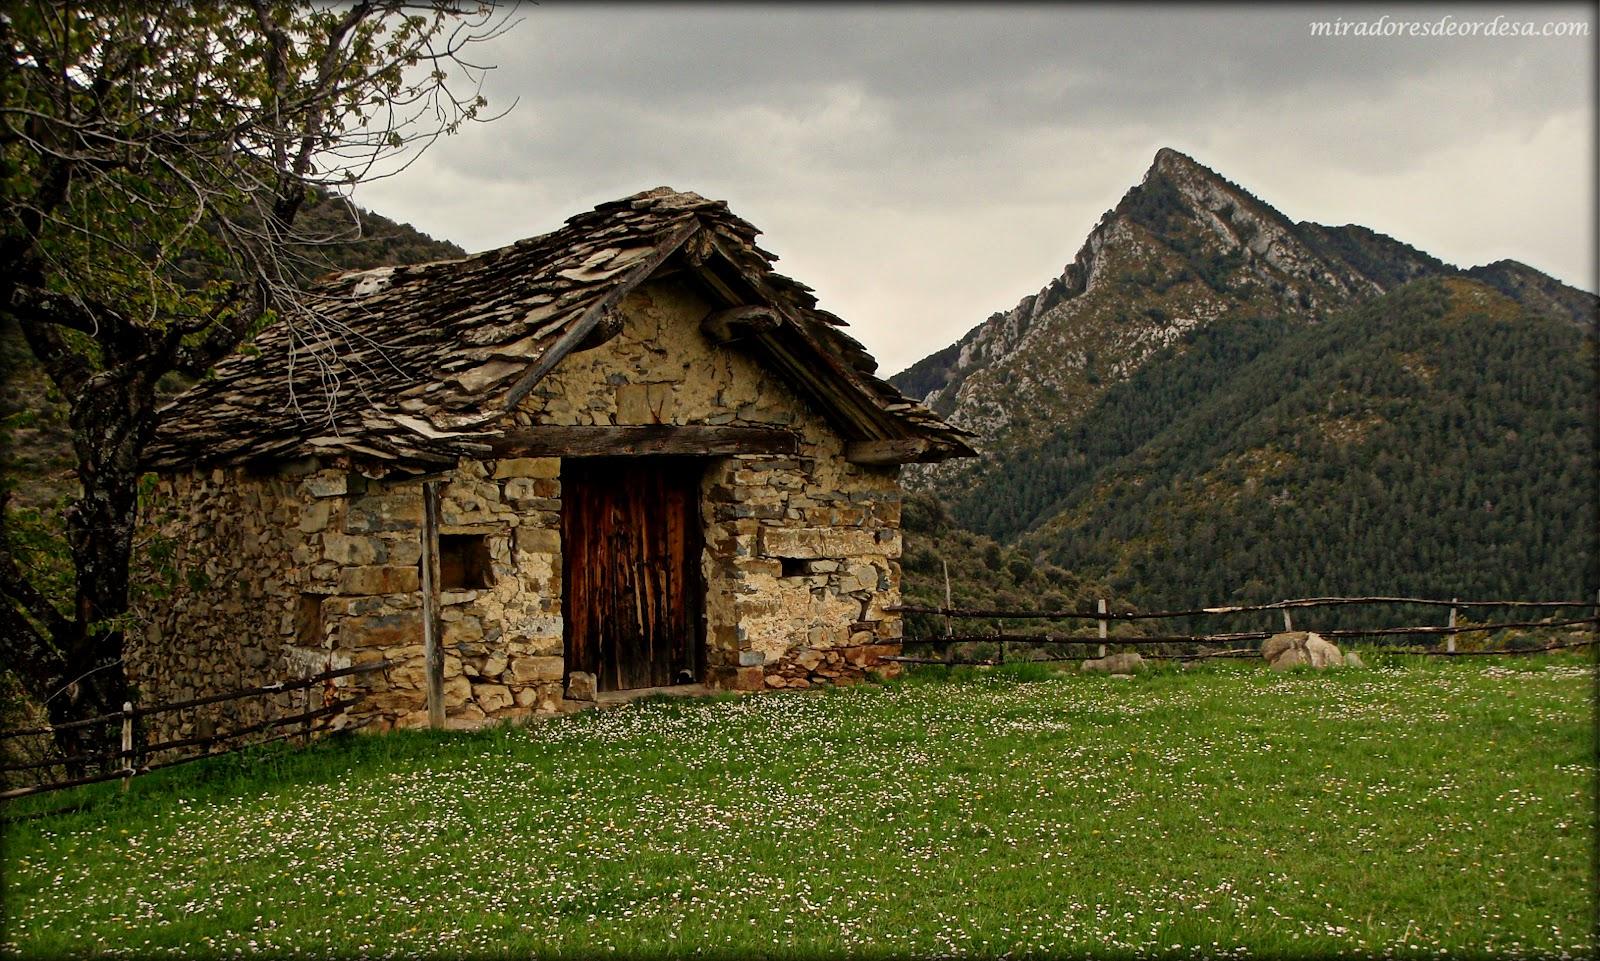 Bordas del pirineo paisajes de ordesa - Casas del pirineo ...